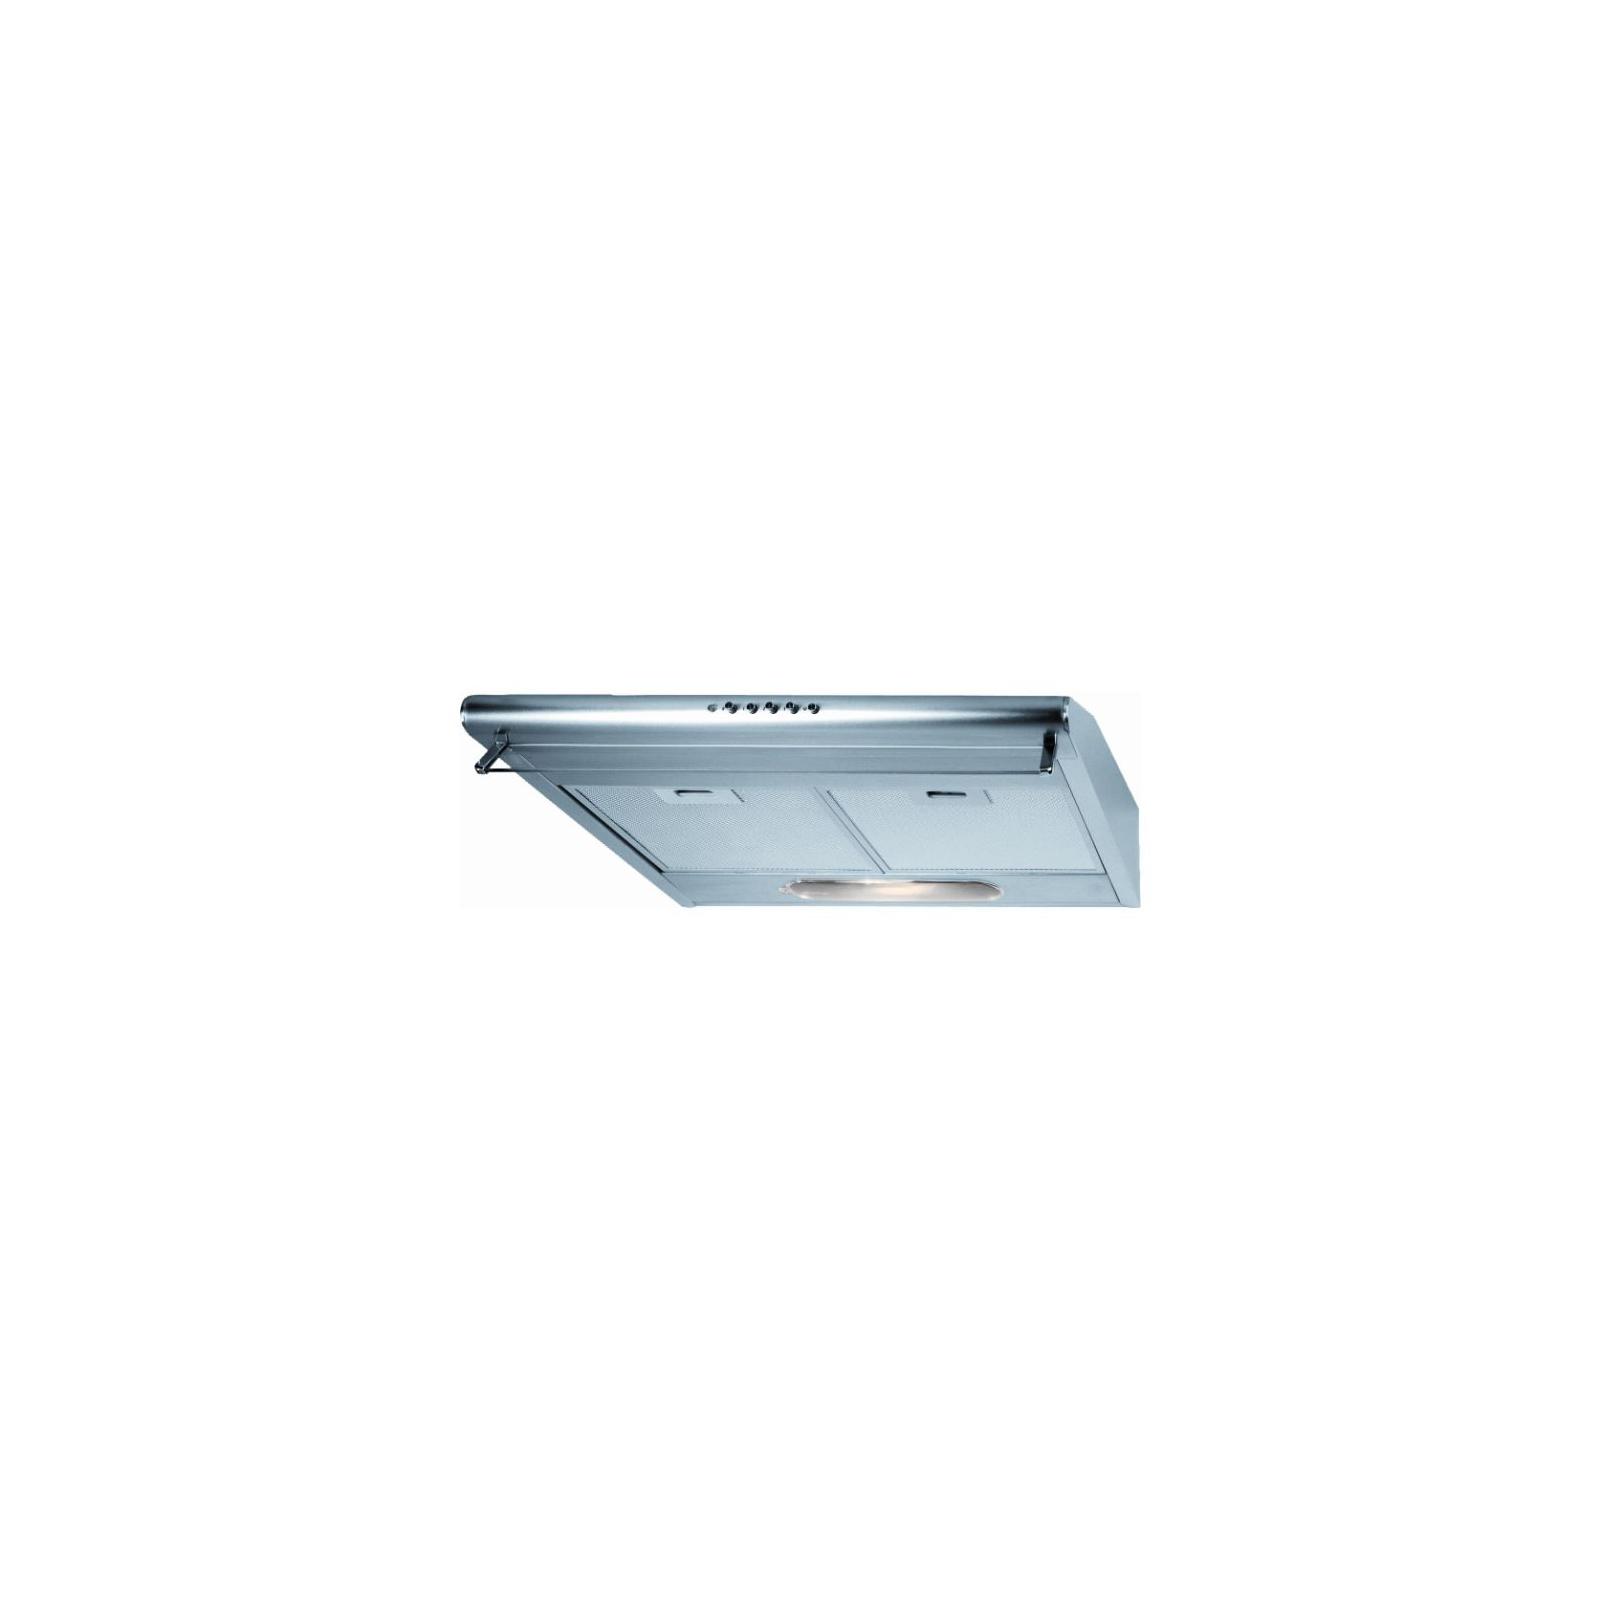 Вытяжка кухонная Hansa OSC 6711 IH (OSC6711IH)